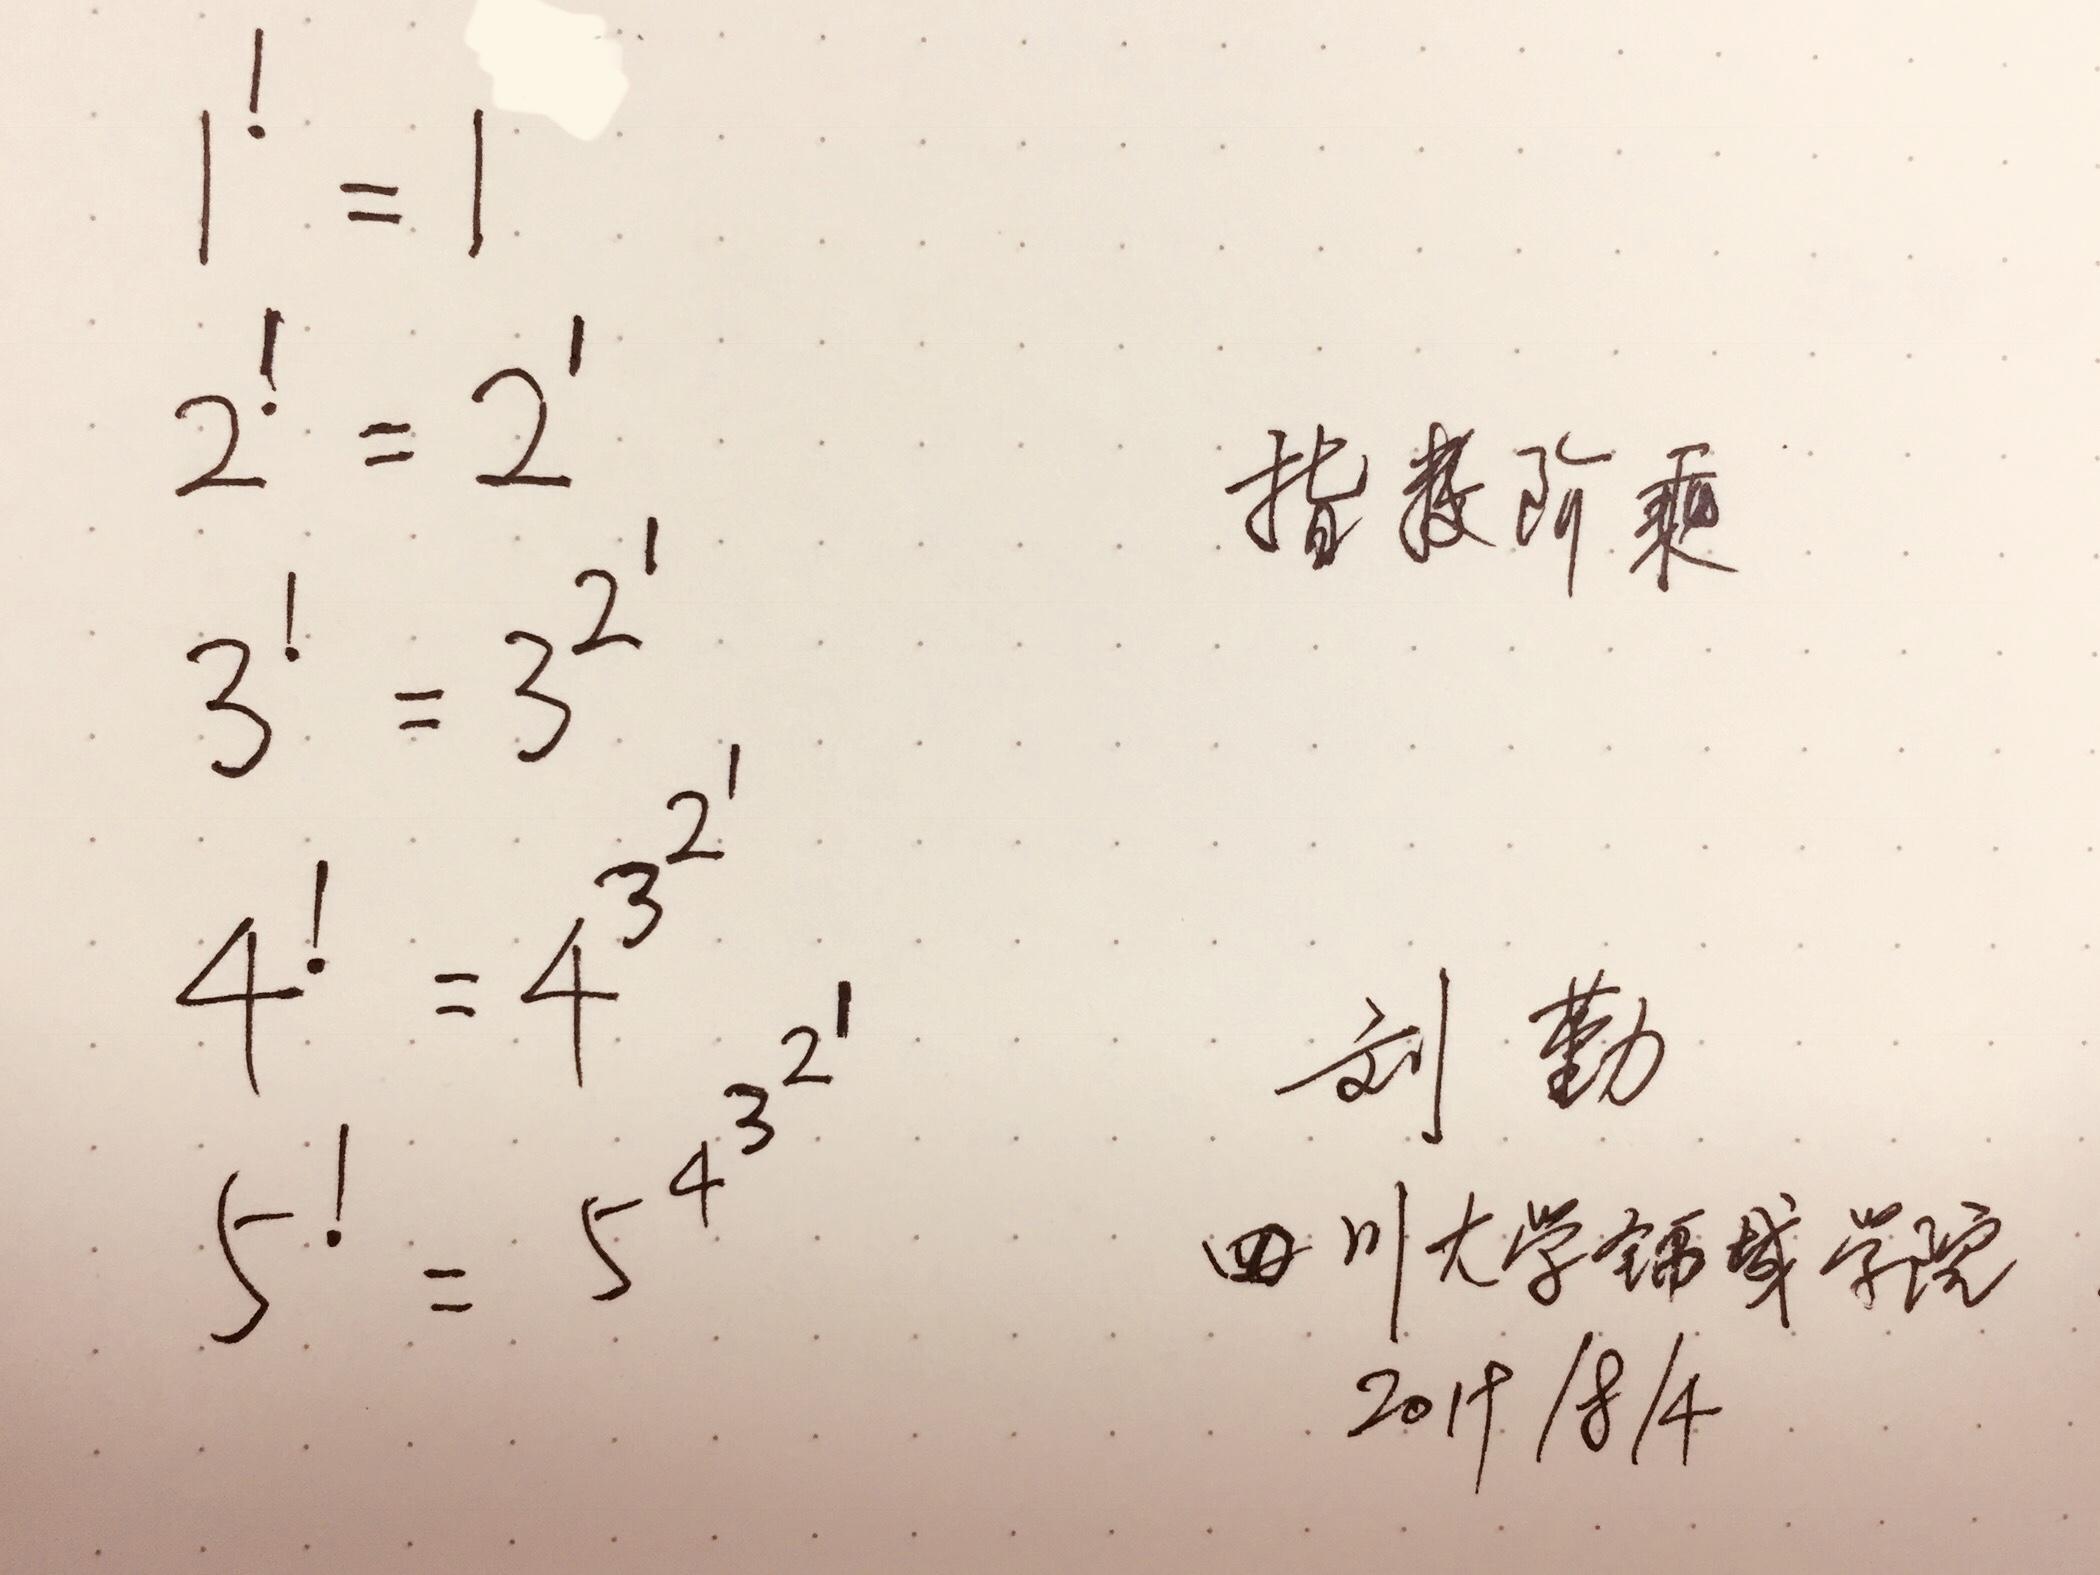 指数阶乘.jpg